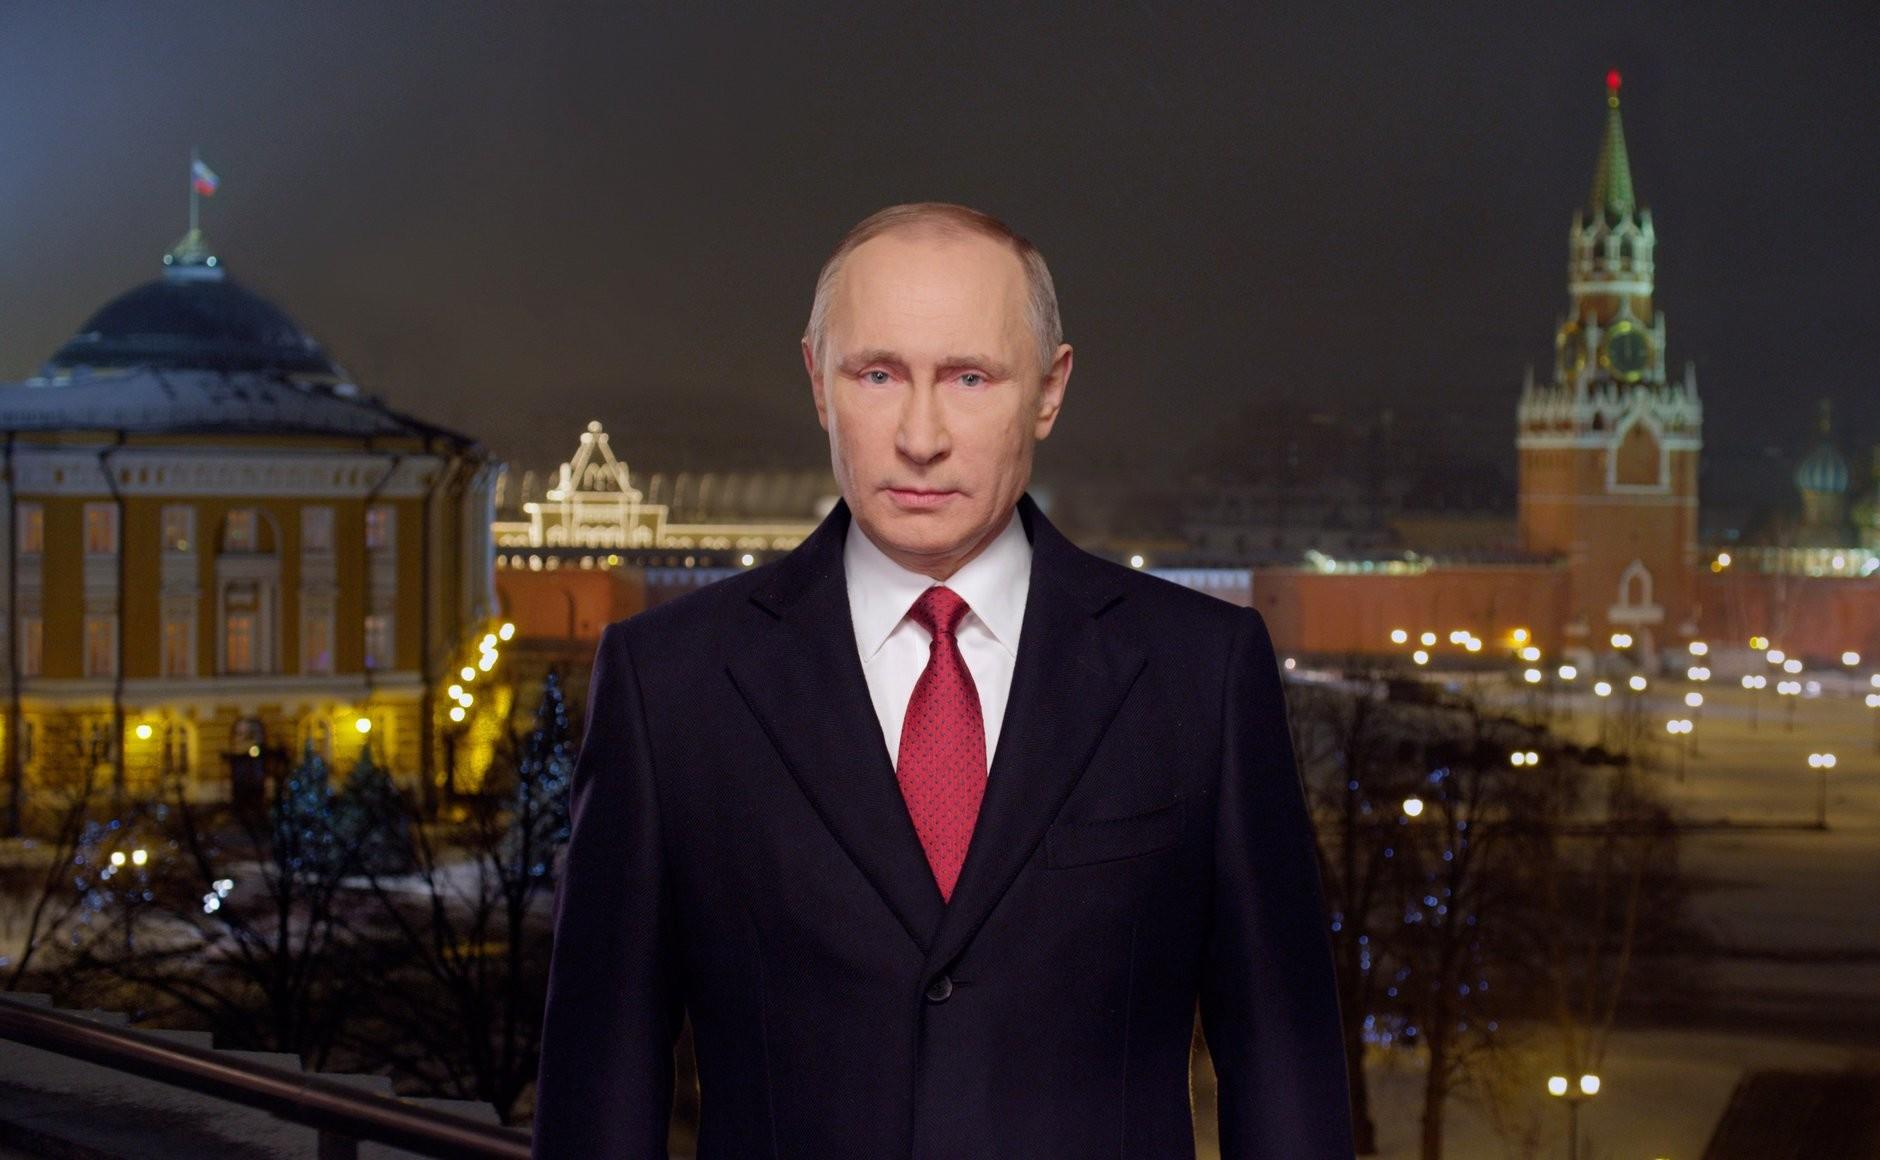 Putinov nagovor ob novem letu 2017